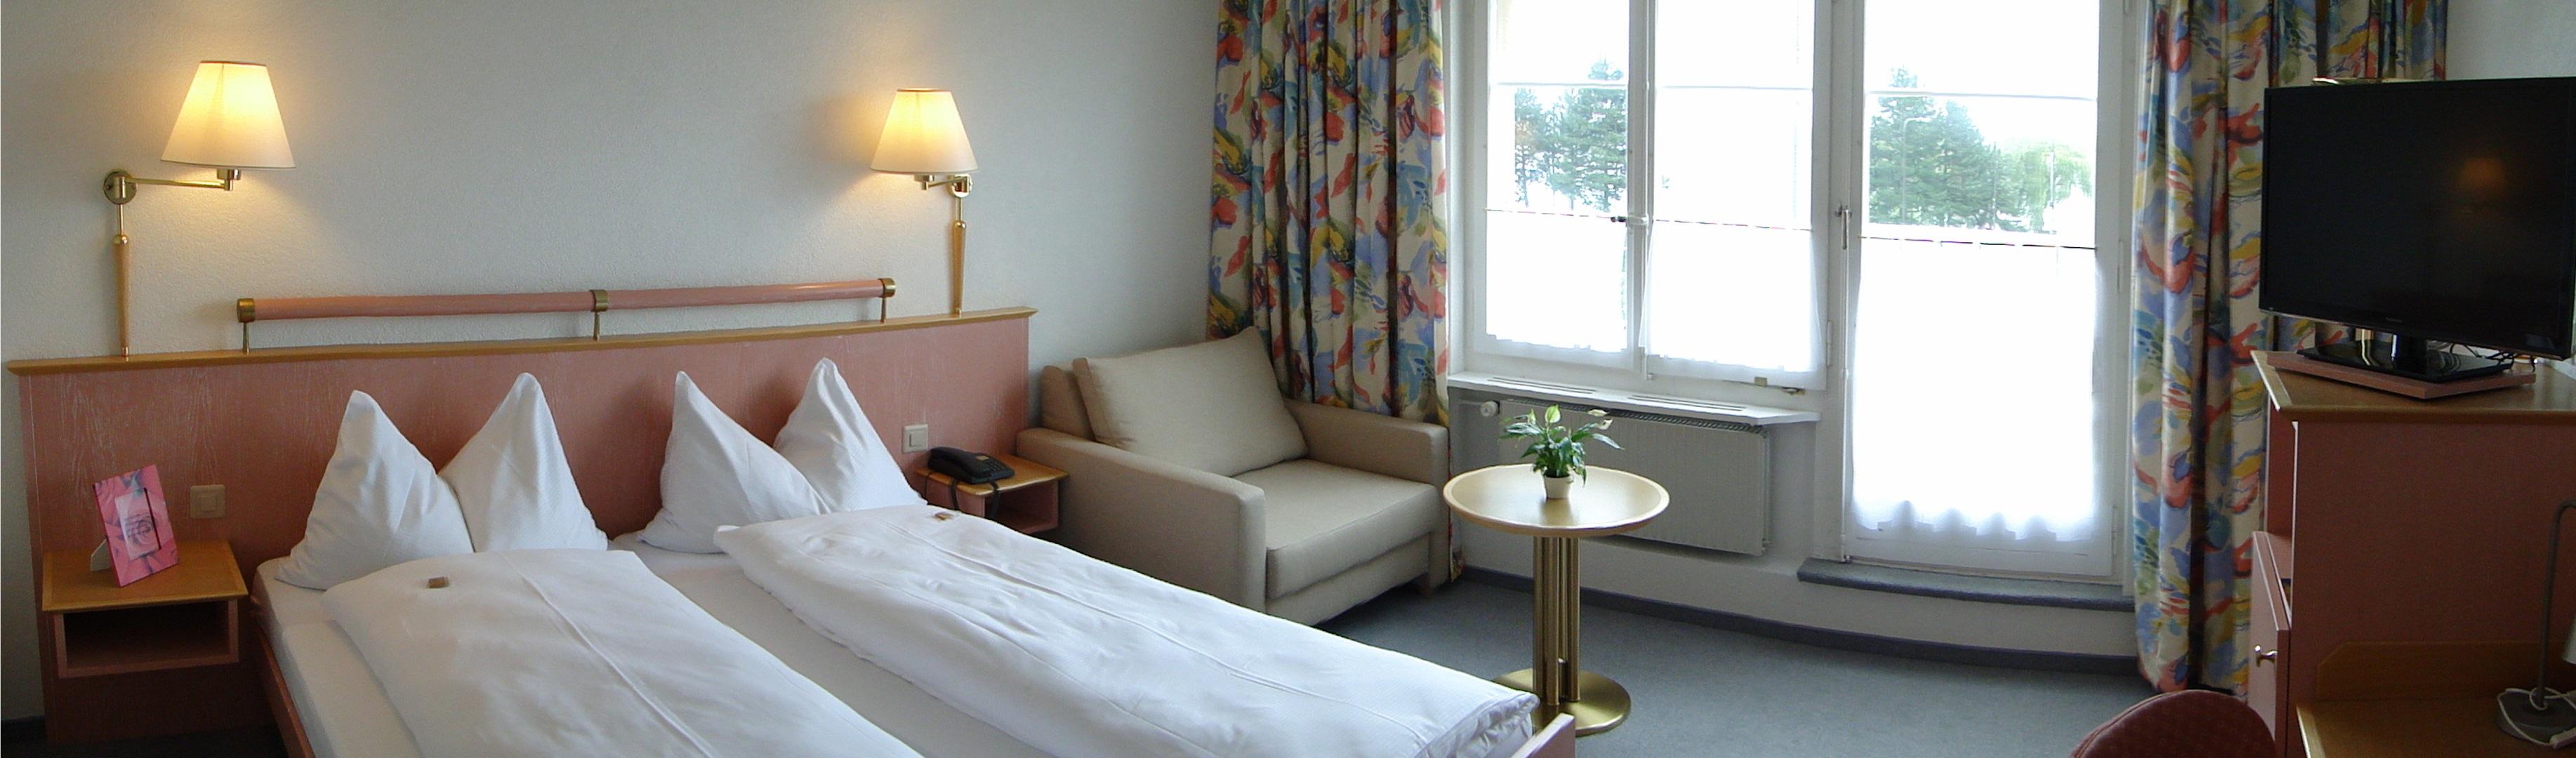 Hotel Bären Twann 7